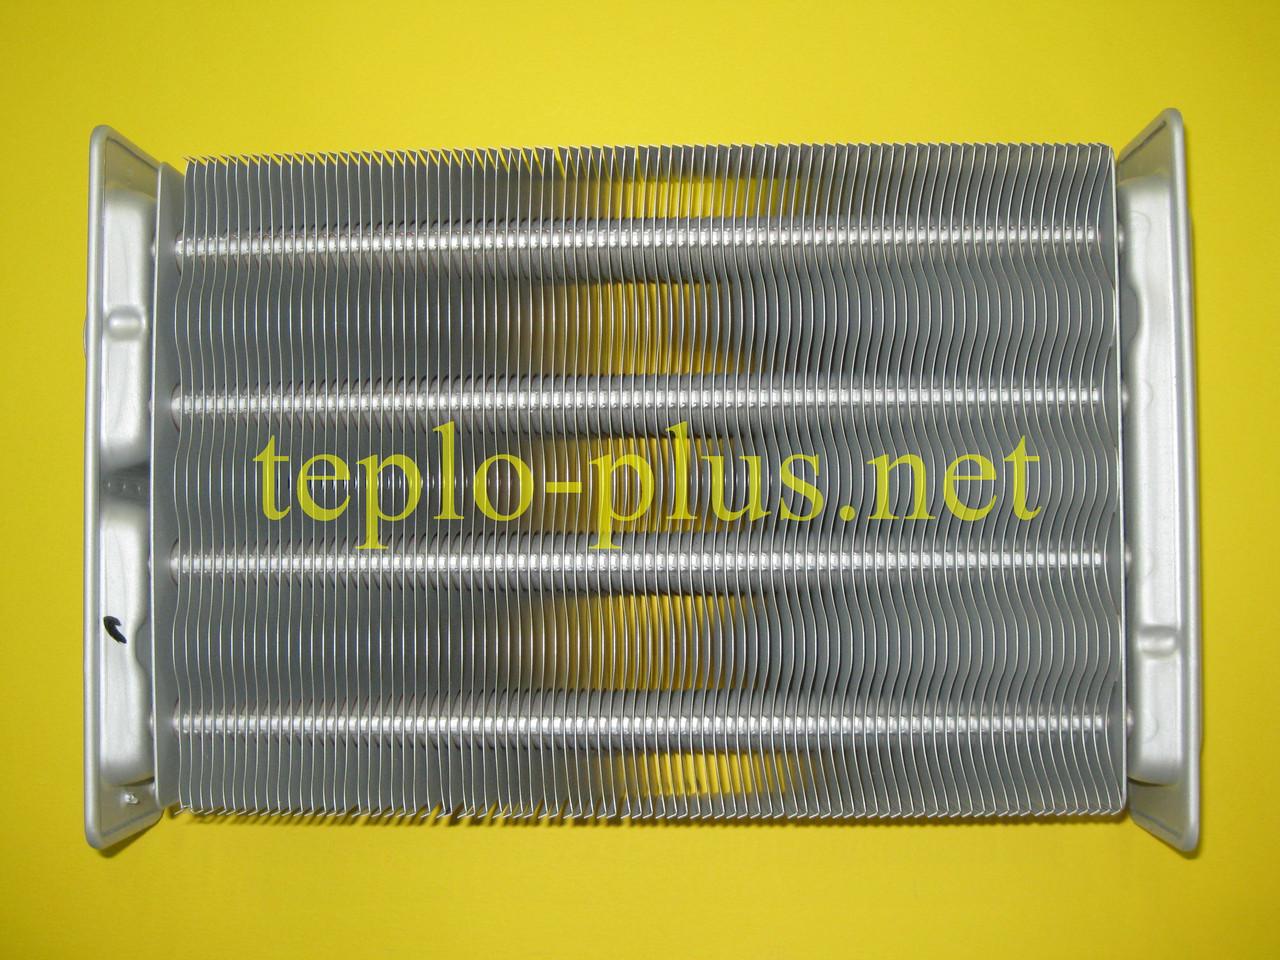 Теплообменник р основной для котлов vaillant вторичный теплообменник 065131